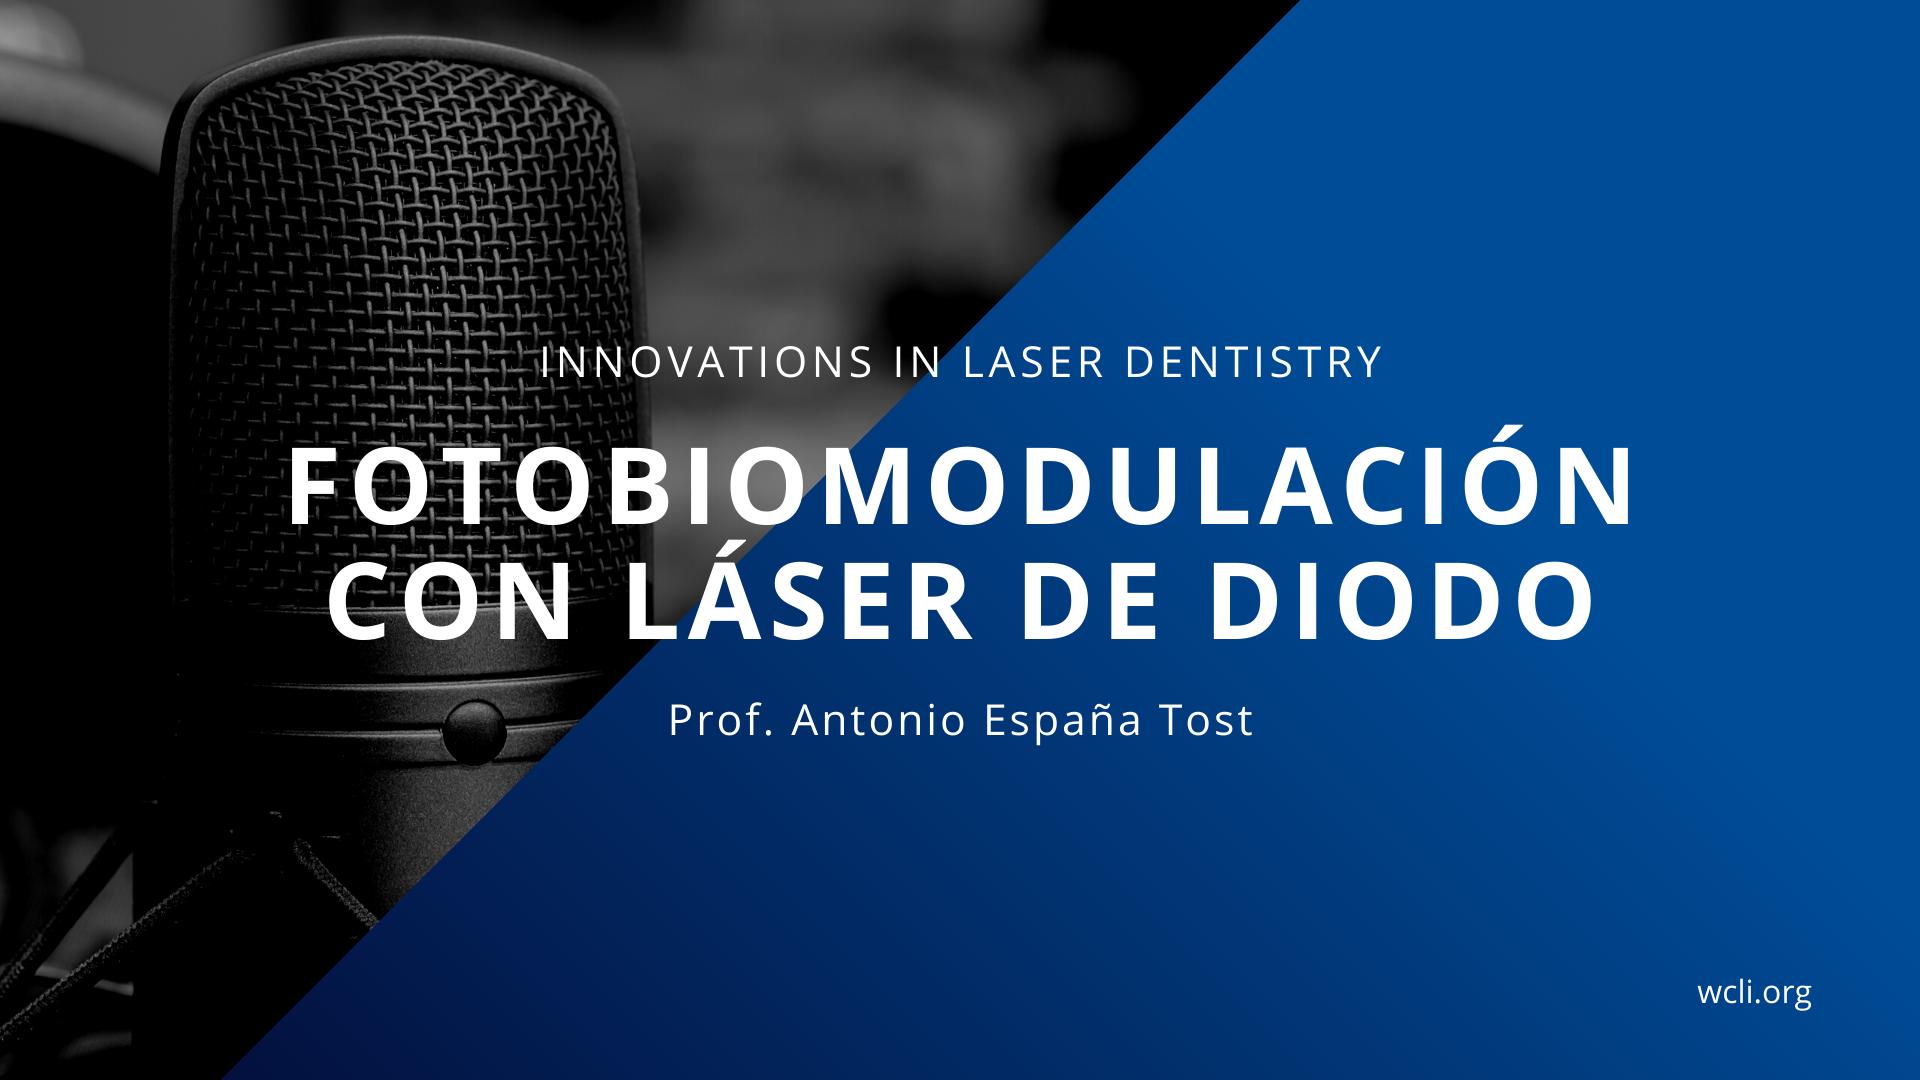 webinar-cover-Prof. Antonio España Tost